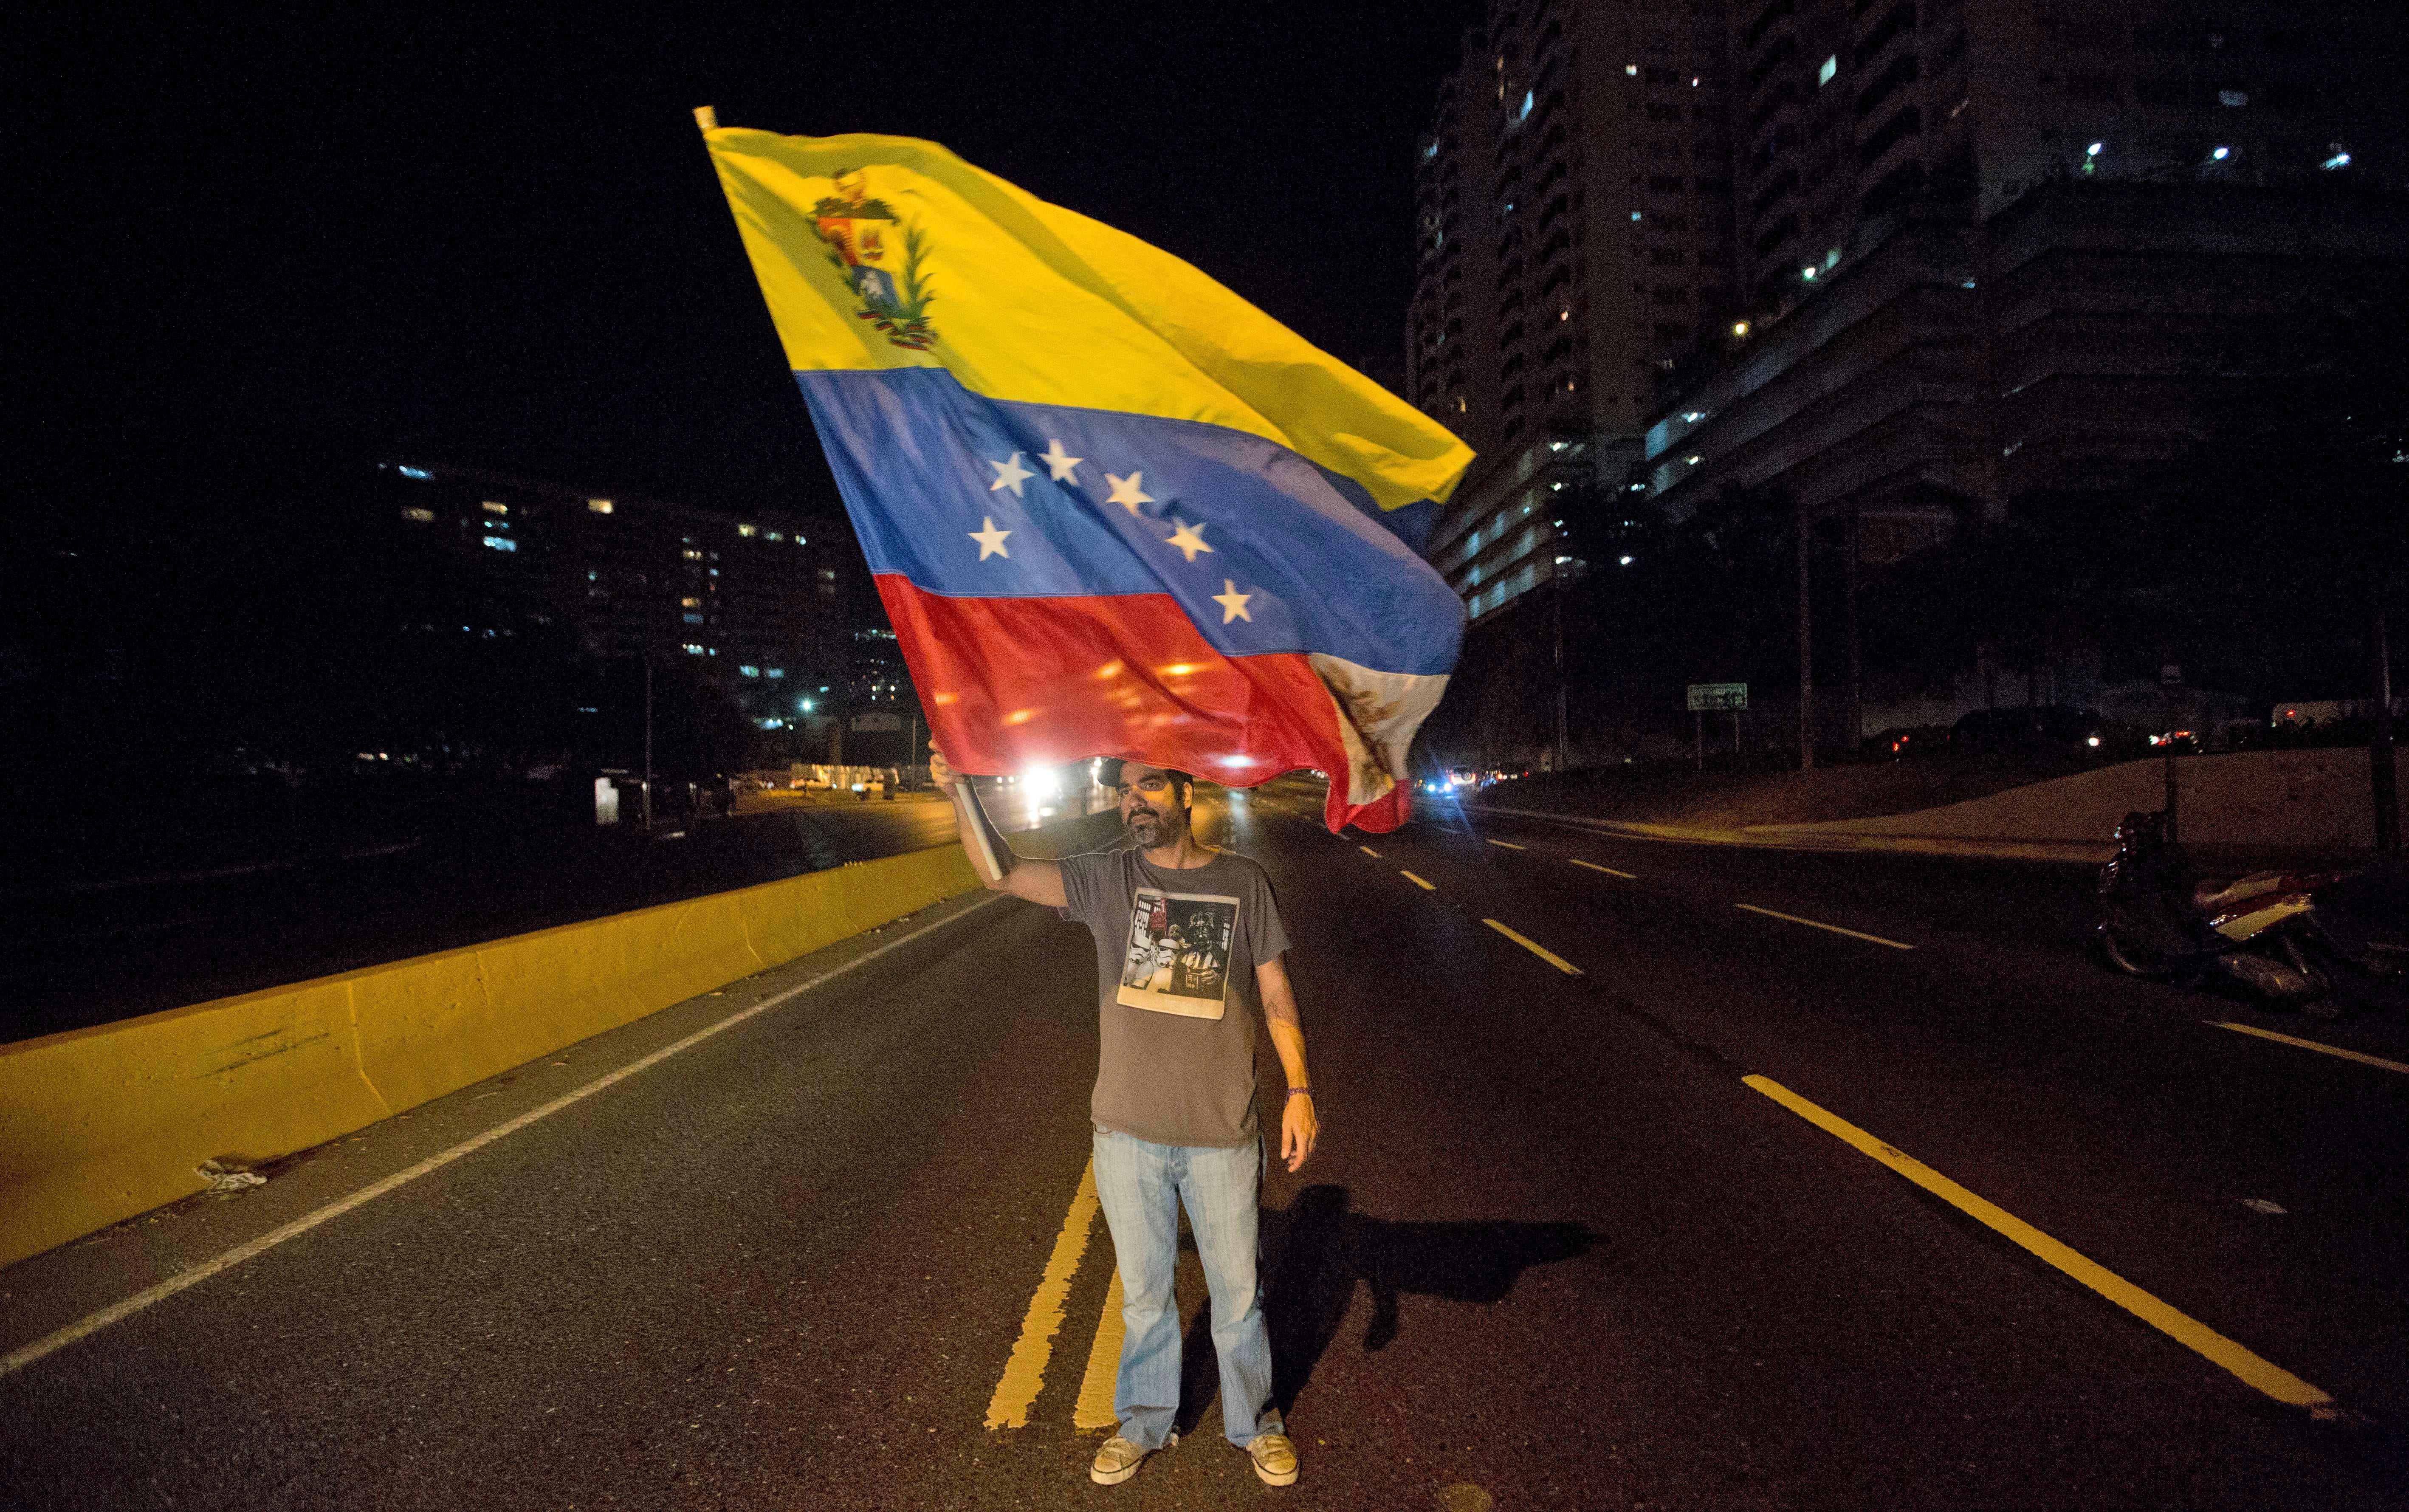 Un dirigente opositor agita una bandera venezolana durante una protesta contra el presidente Nicolás Maduro en Caracas, Venezuela